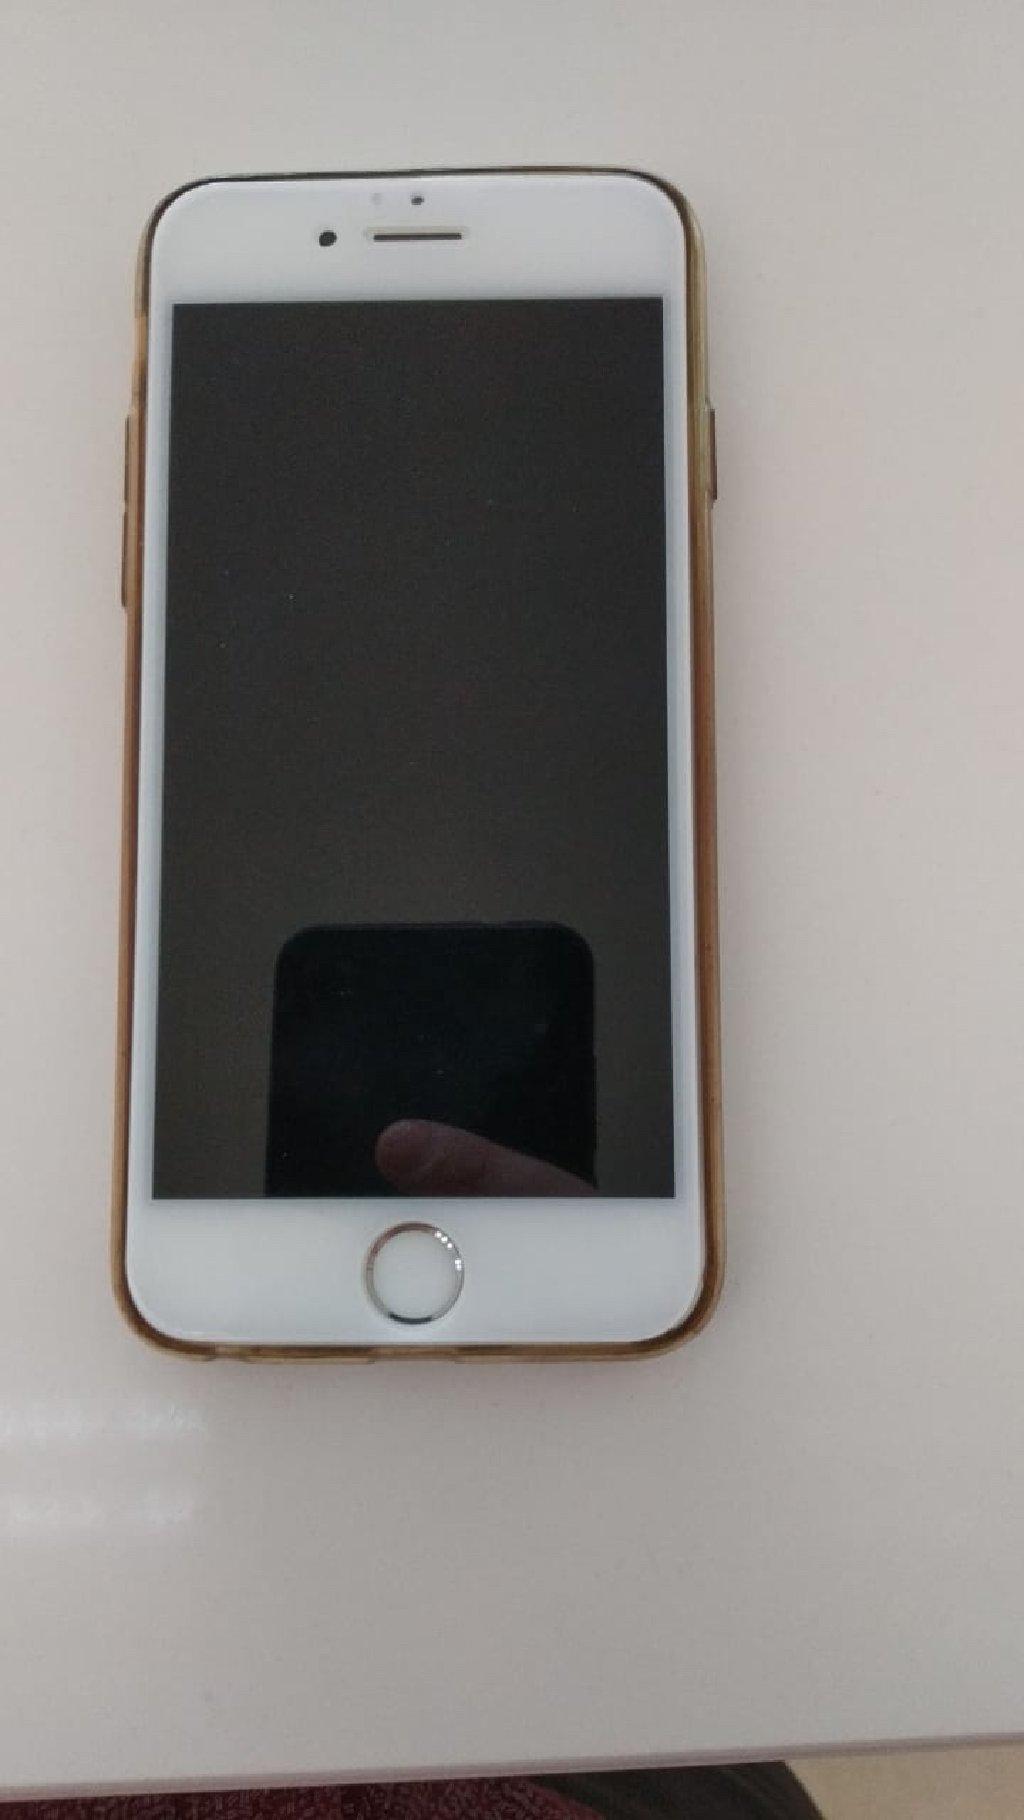 300 azn iphone 6 hec bir problemi yoxdur